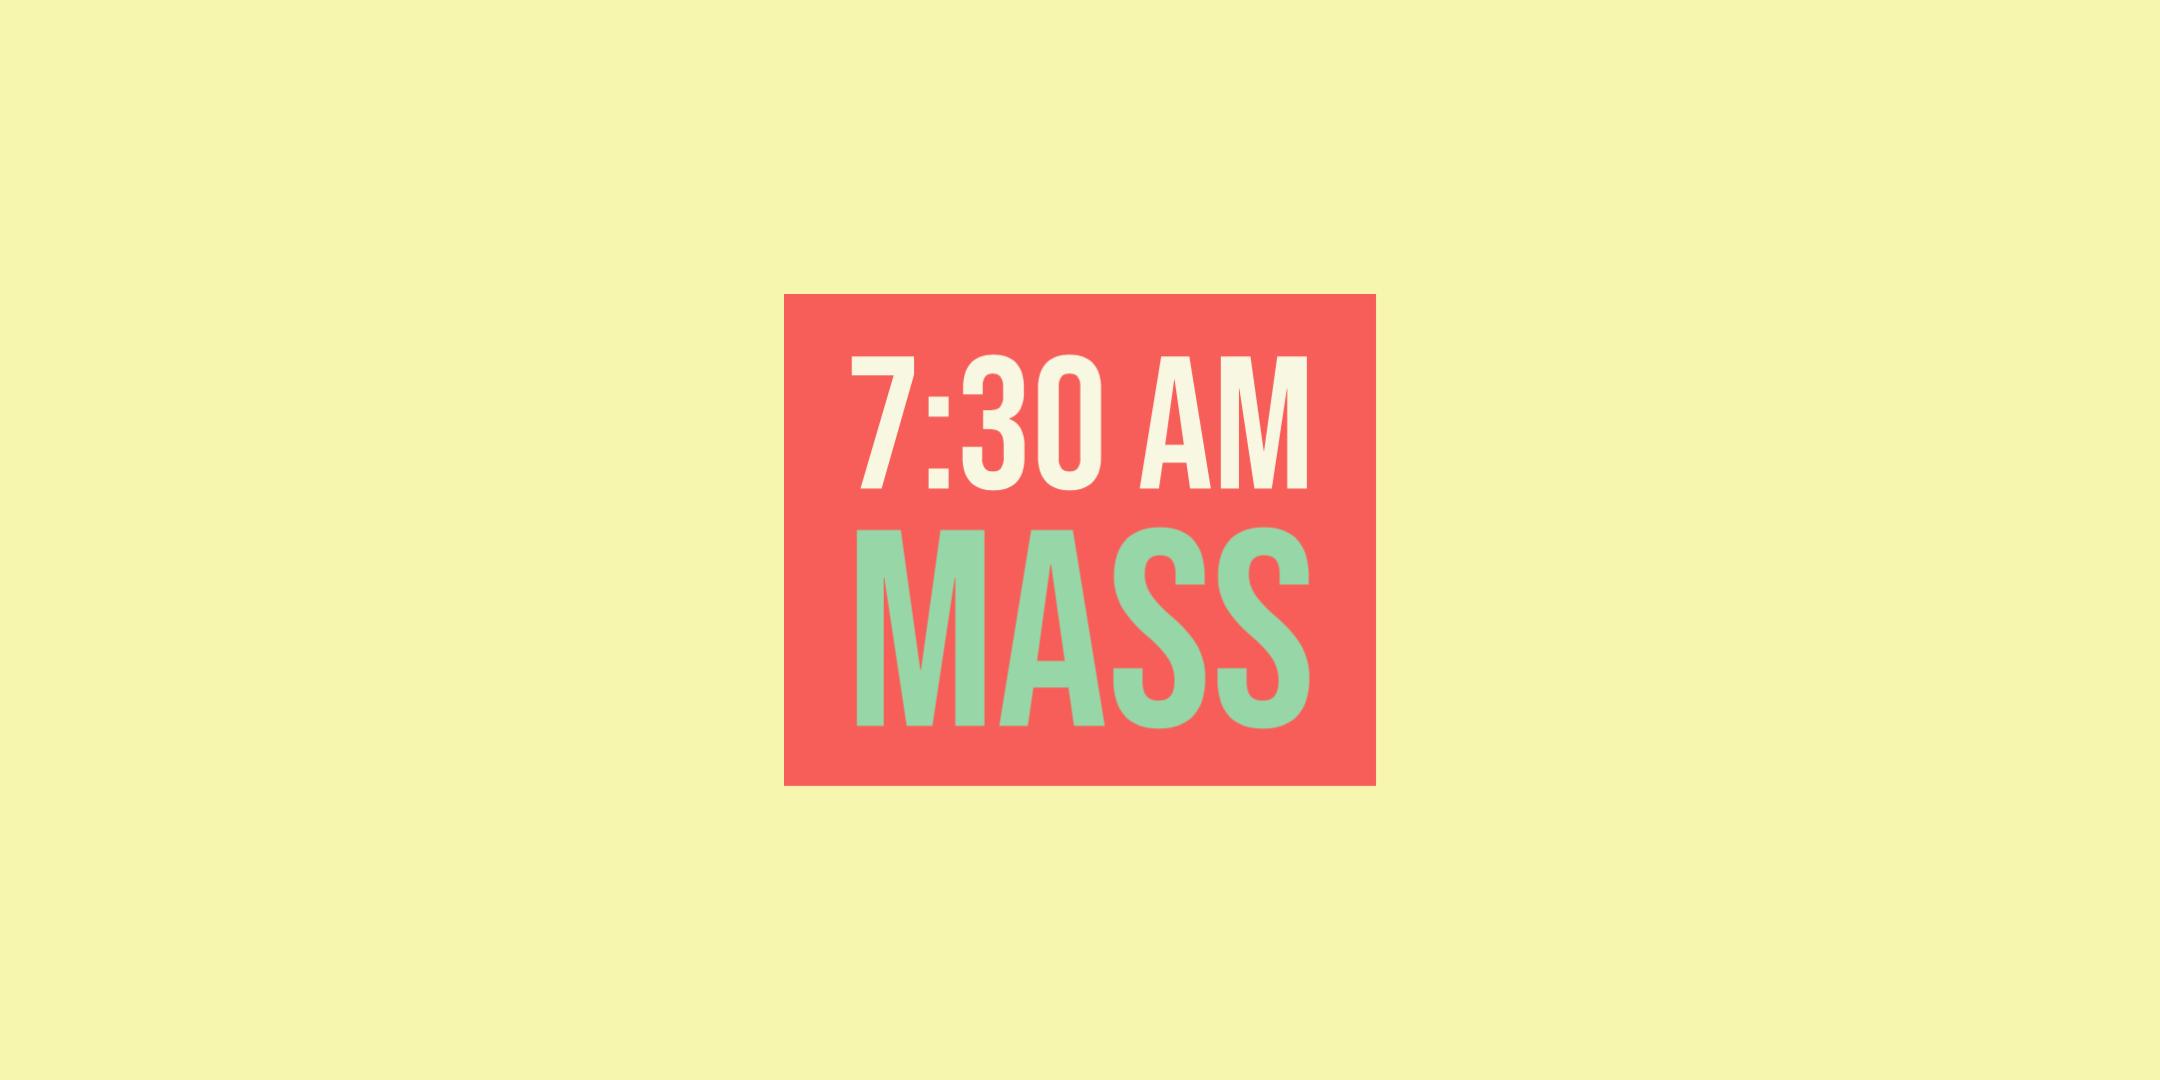 Register for 730 Mass